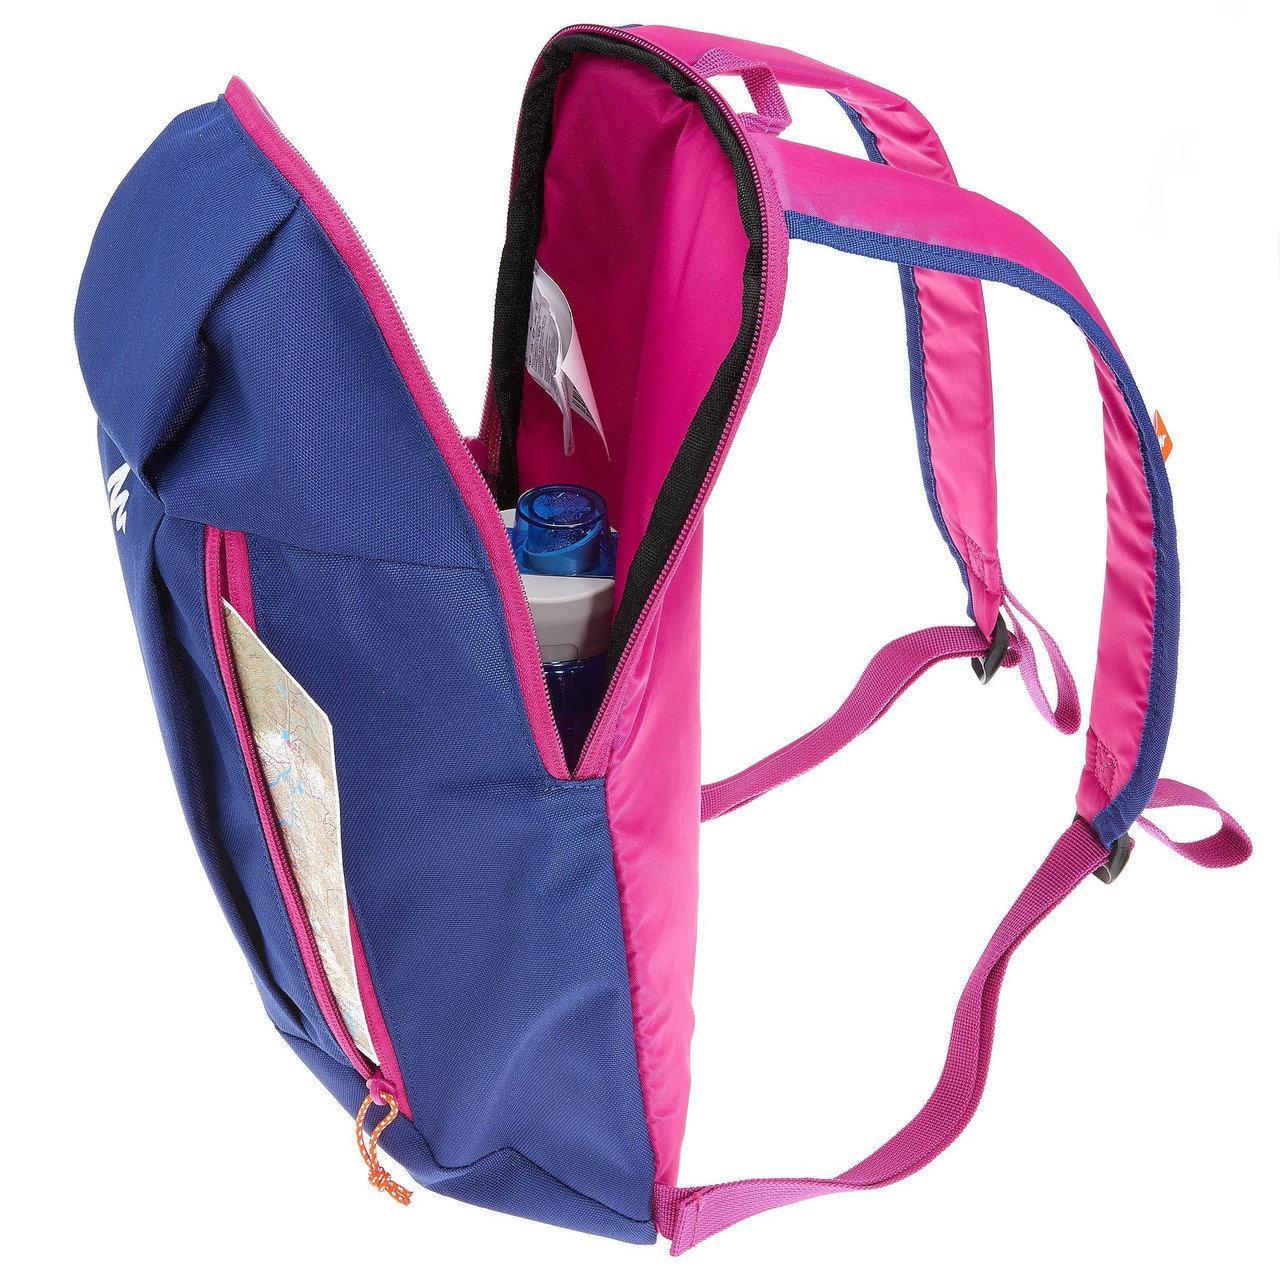 Спортивный рюкзак QUECHUA 10L, фиолетовый, фото 4